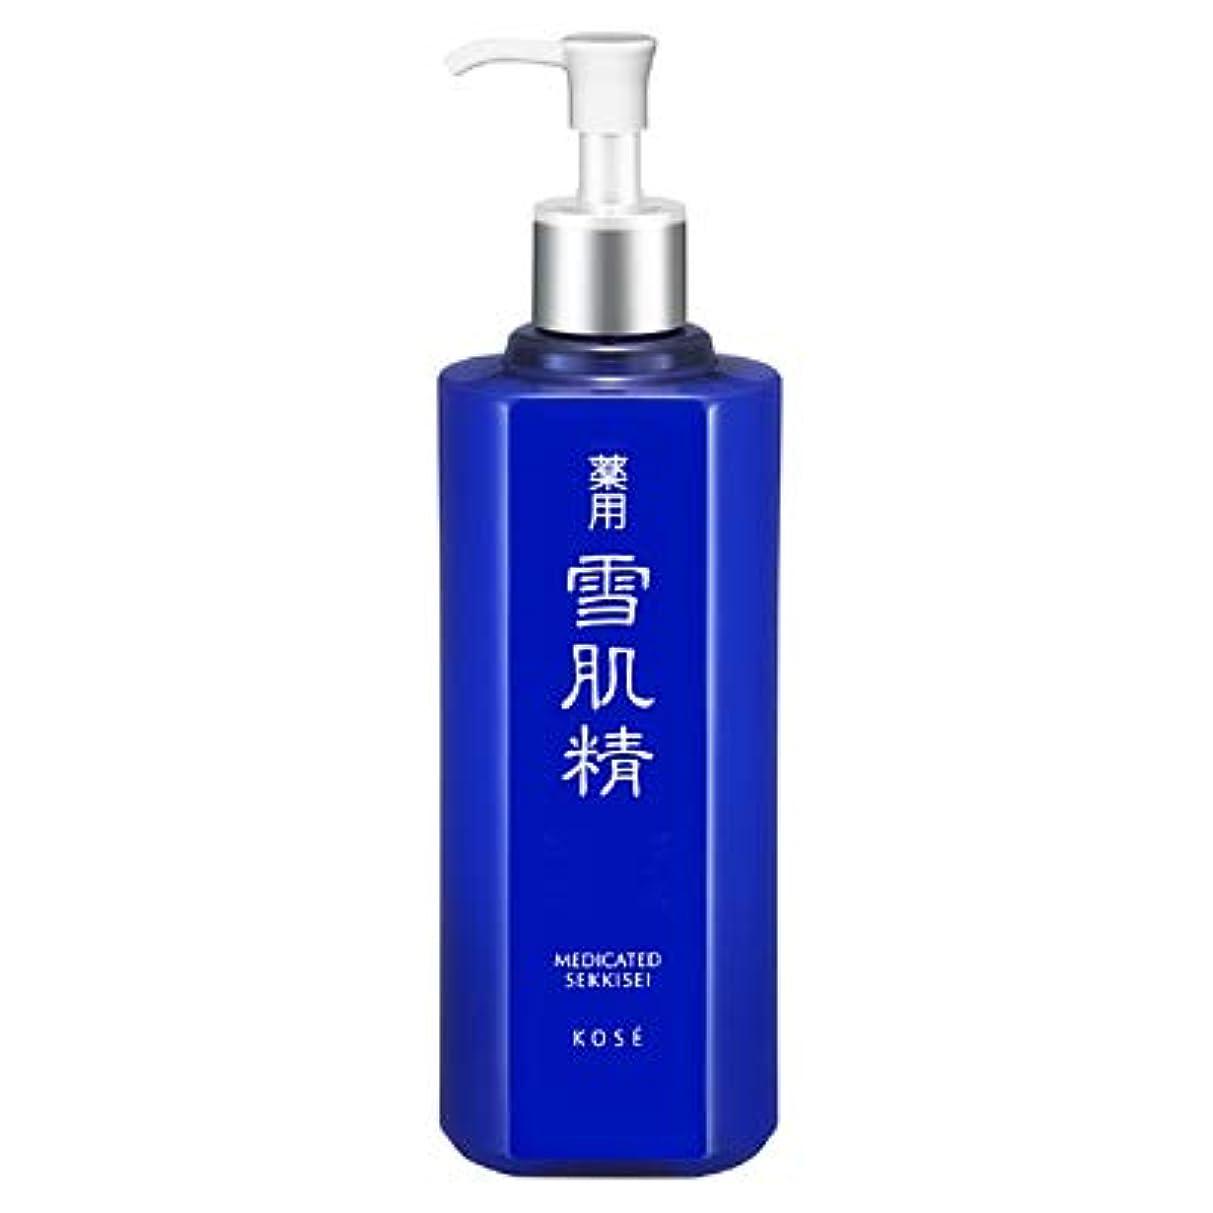 静かなプロフェッショナル最近KOSE コーセー 薬用 雪肌精 エンリッチ 500ml ディスペンサー付ボトル 限定